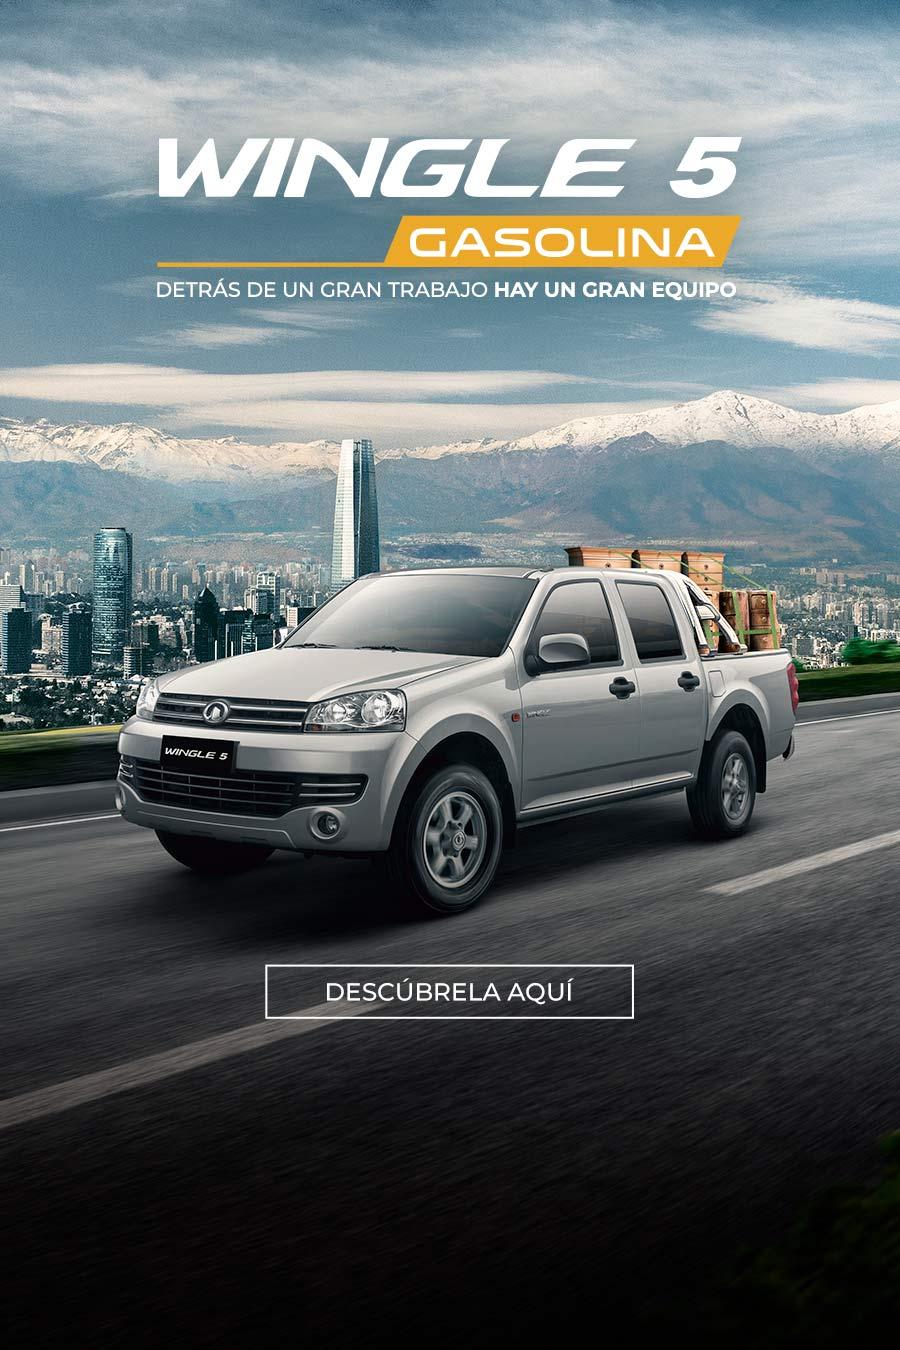 Mobile-btn Wingle 5 gasolina